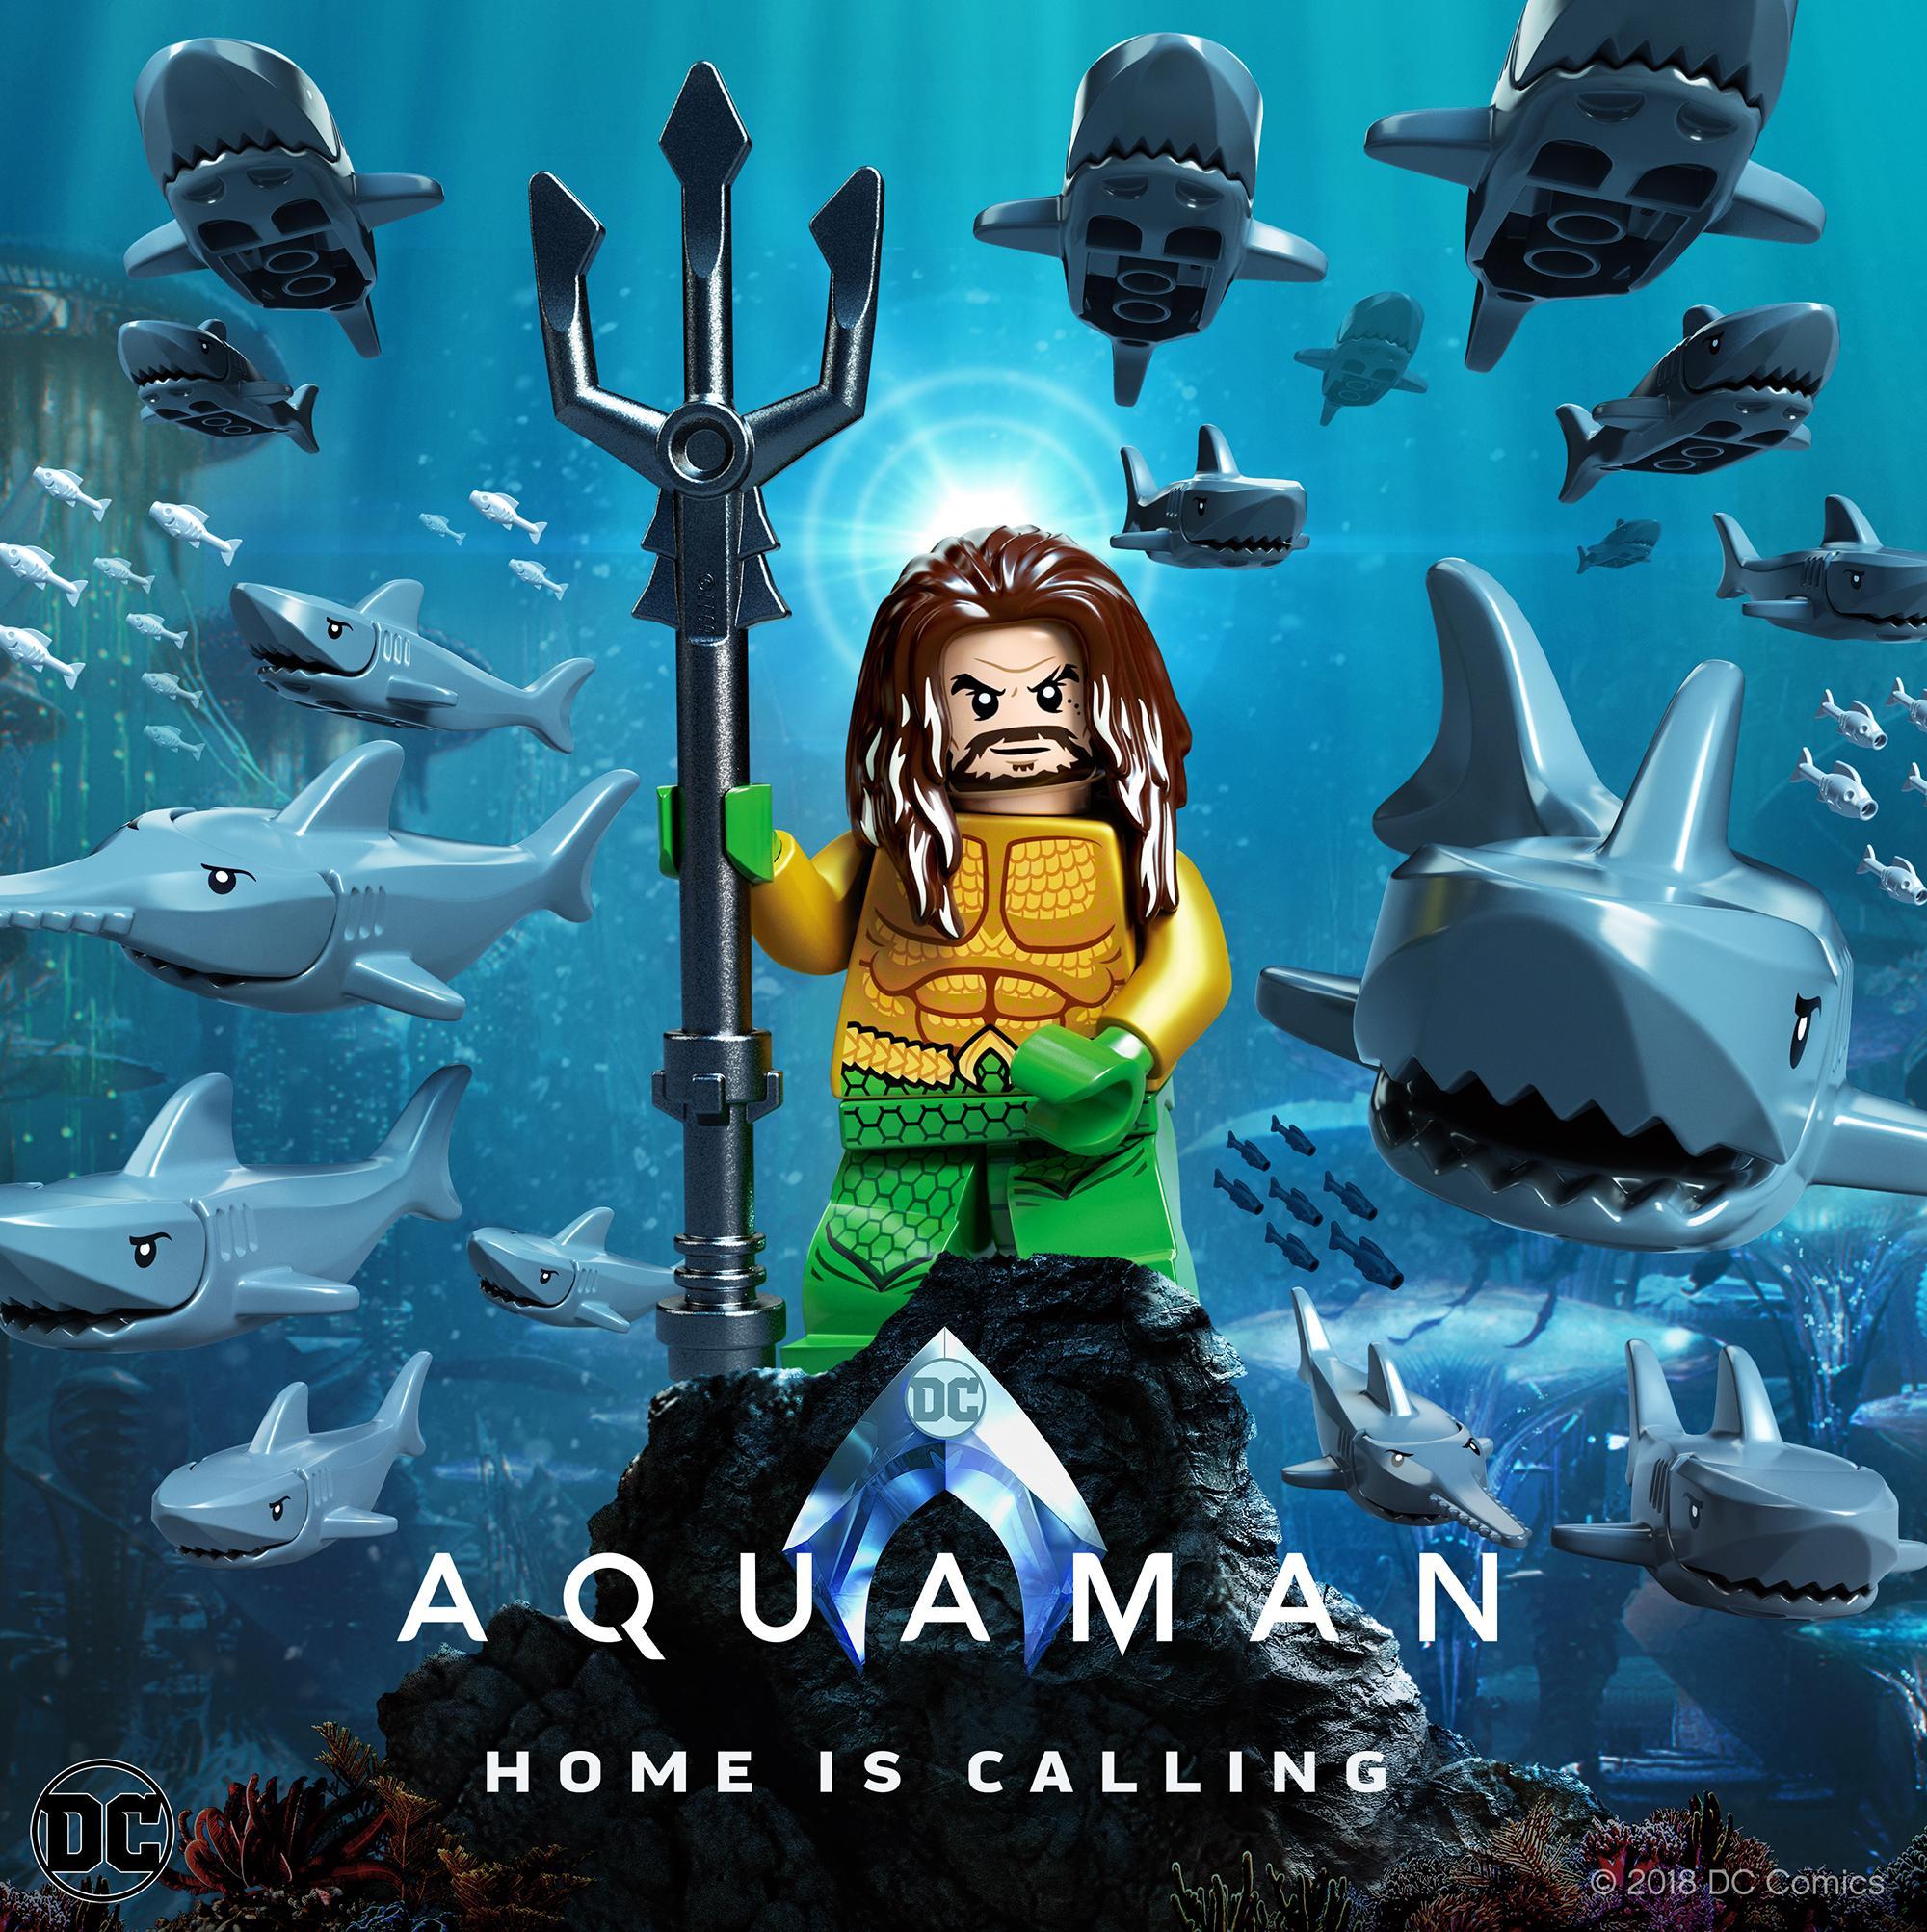 Aquaman Poster Gets A Lego Makeover Batman News